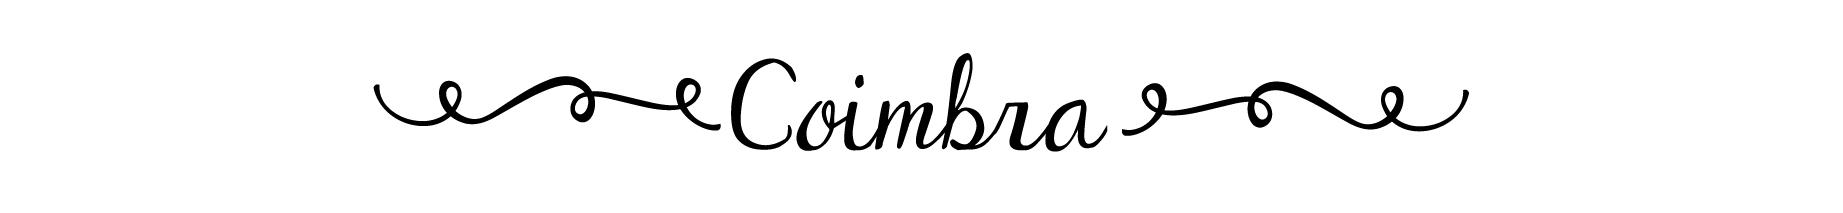 2-COIMBRA